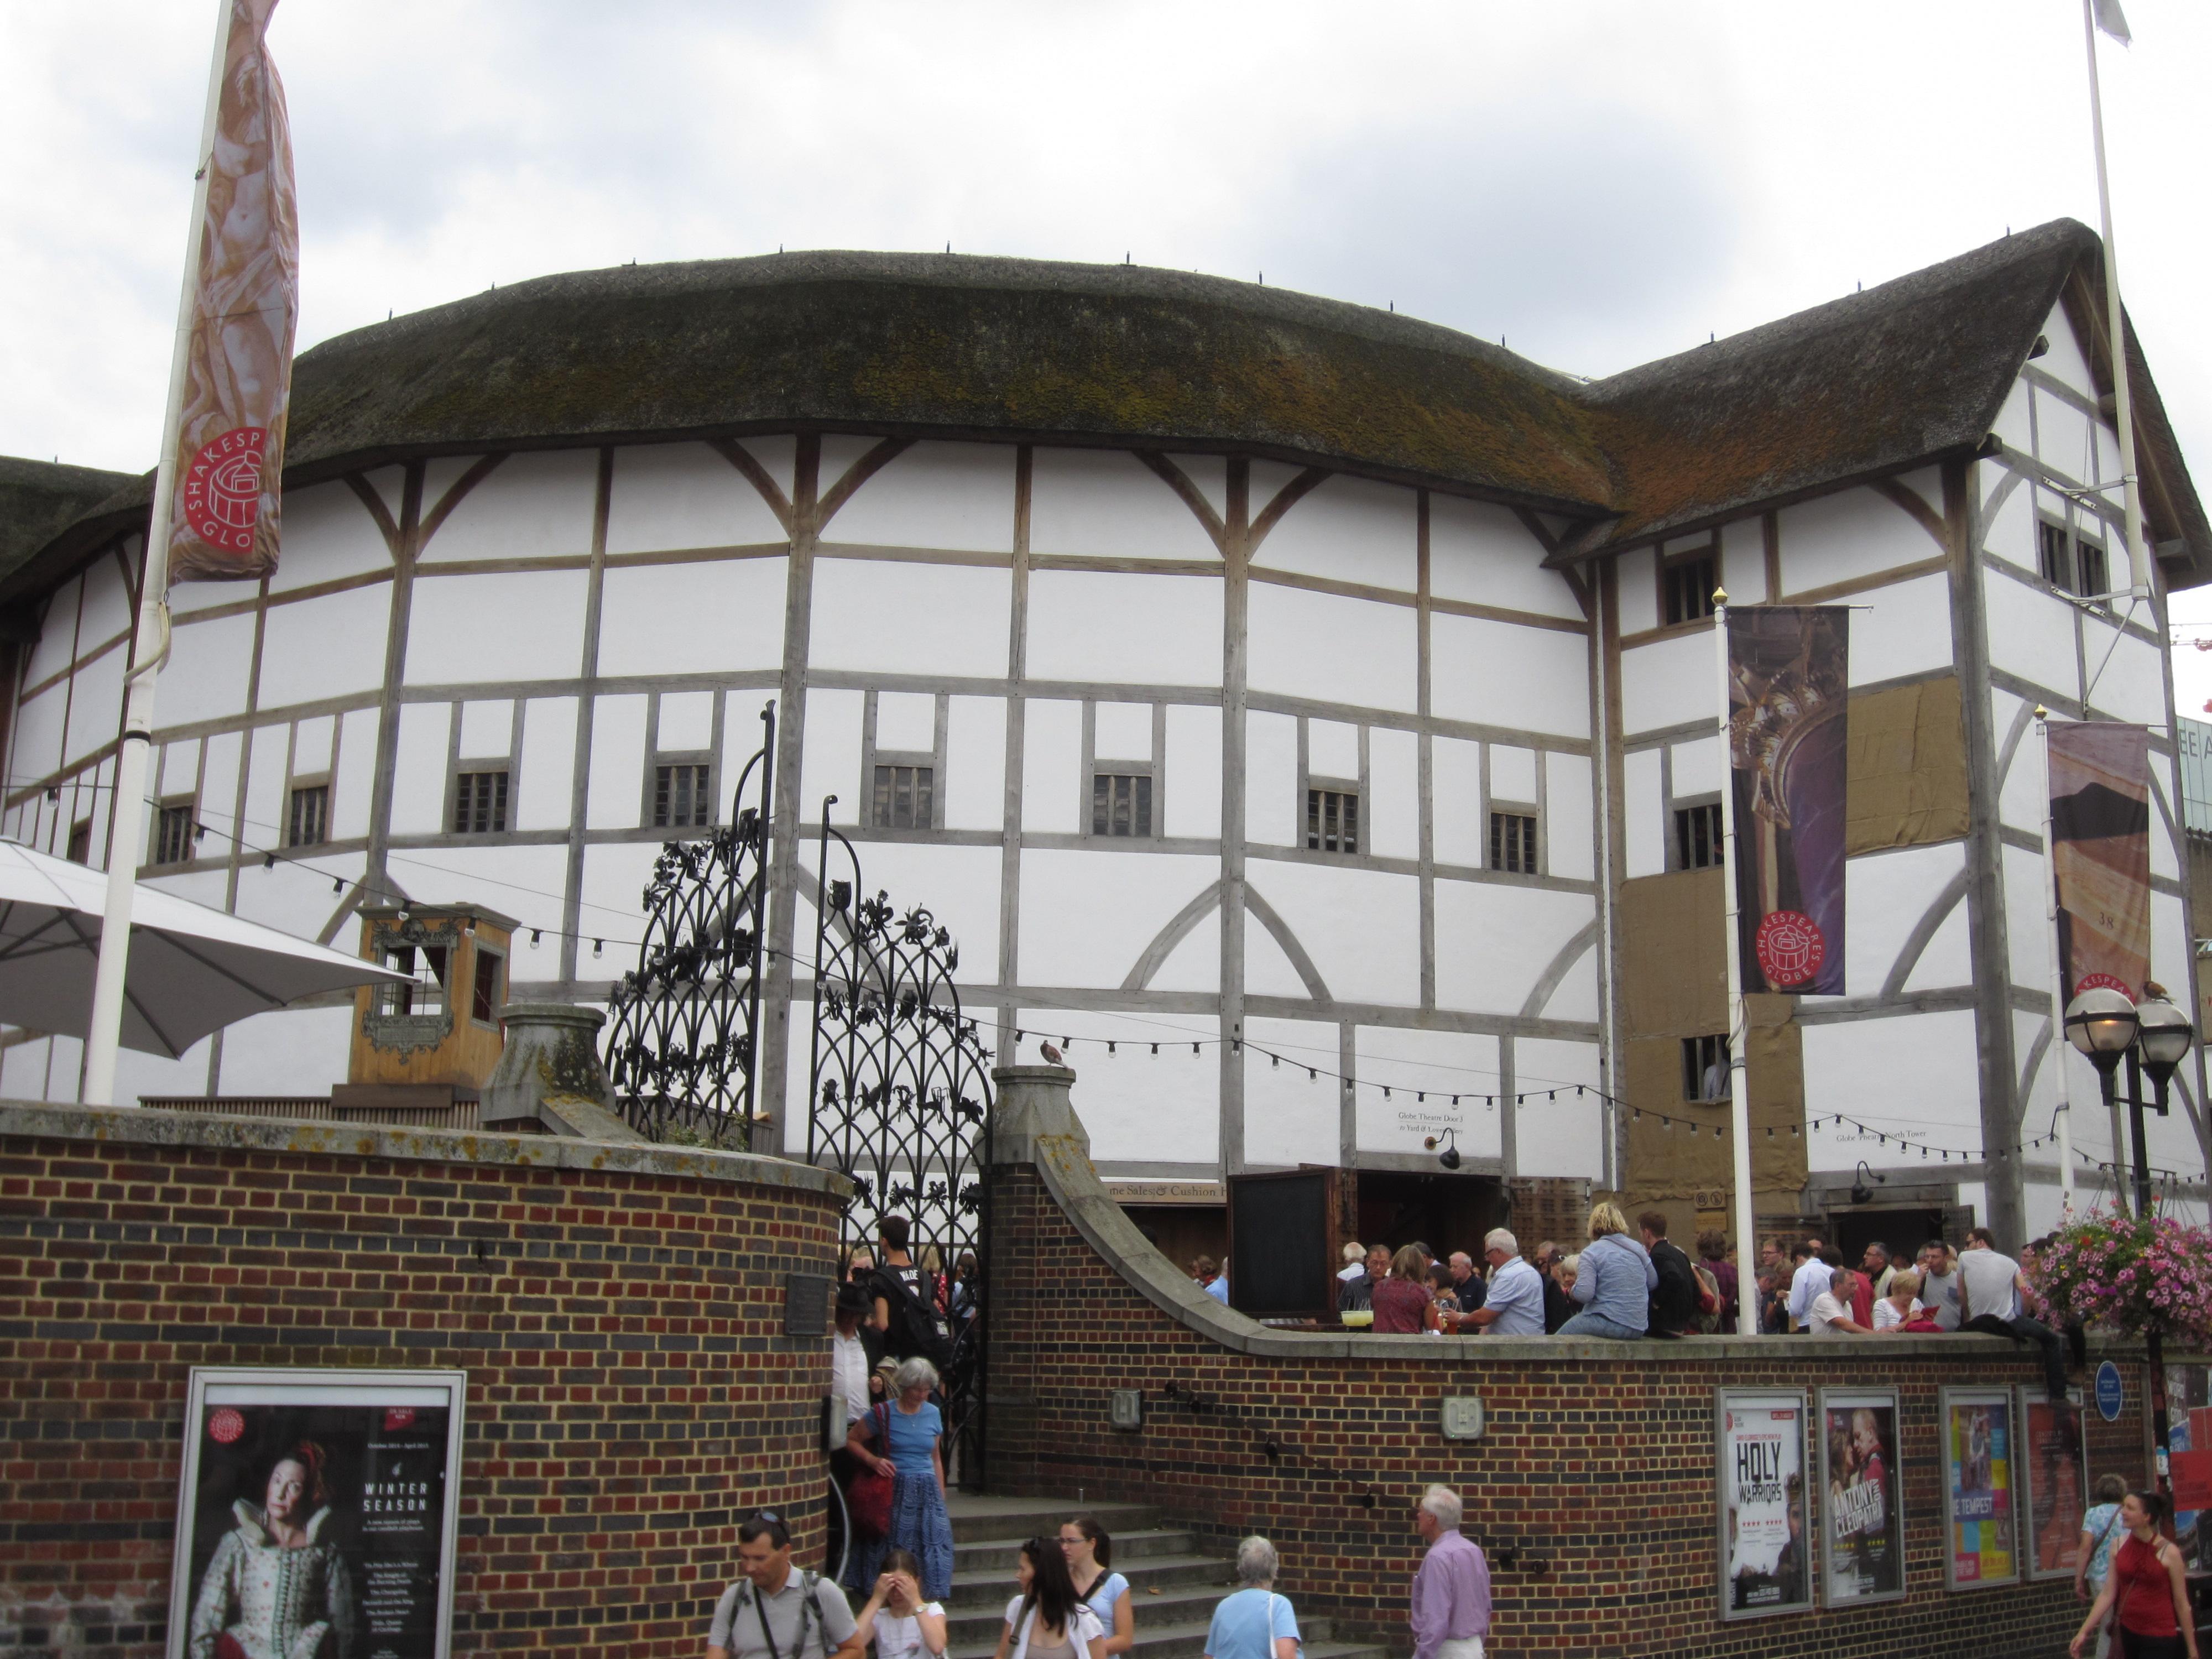 Reconstrucción moderna del teatro The Globe (el original fue destruido por un incendio en 1613)